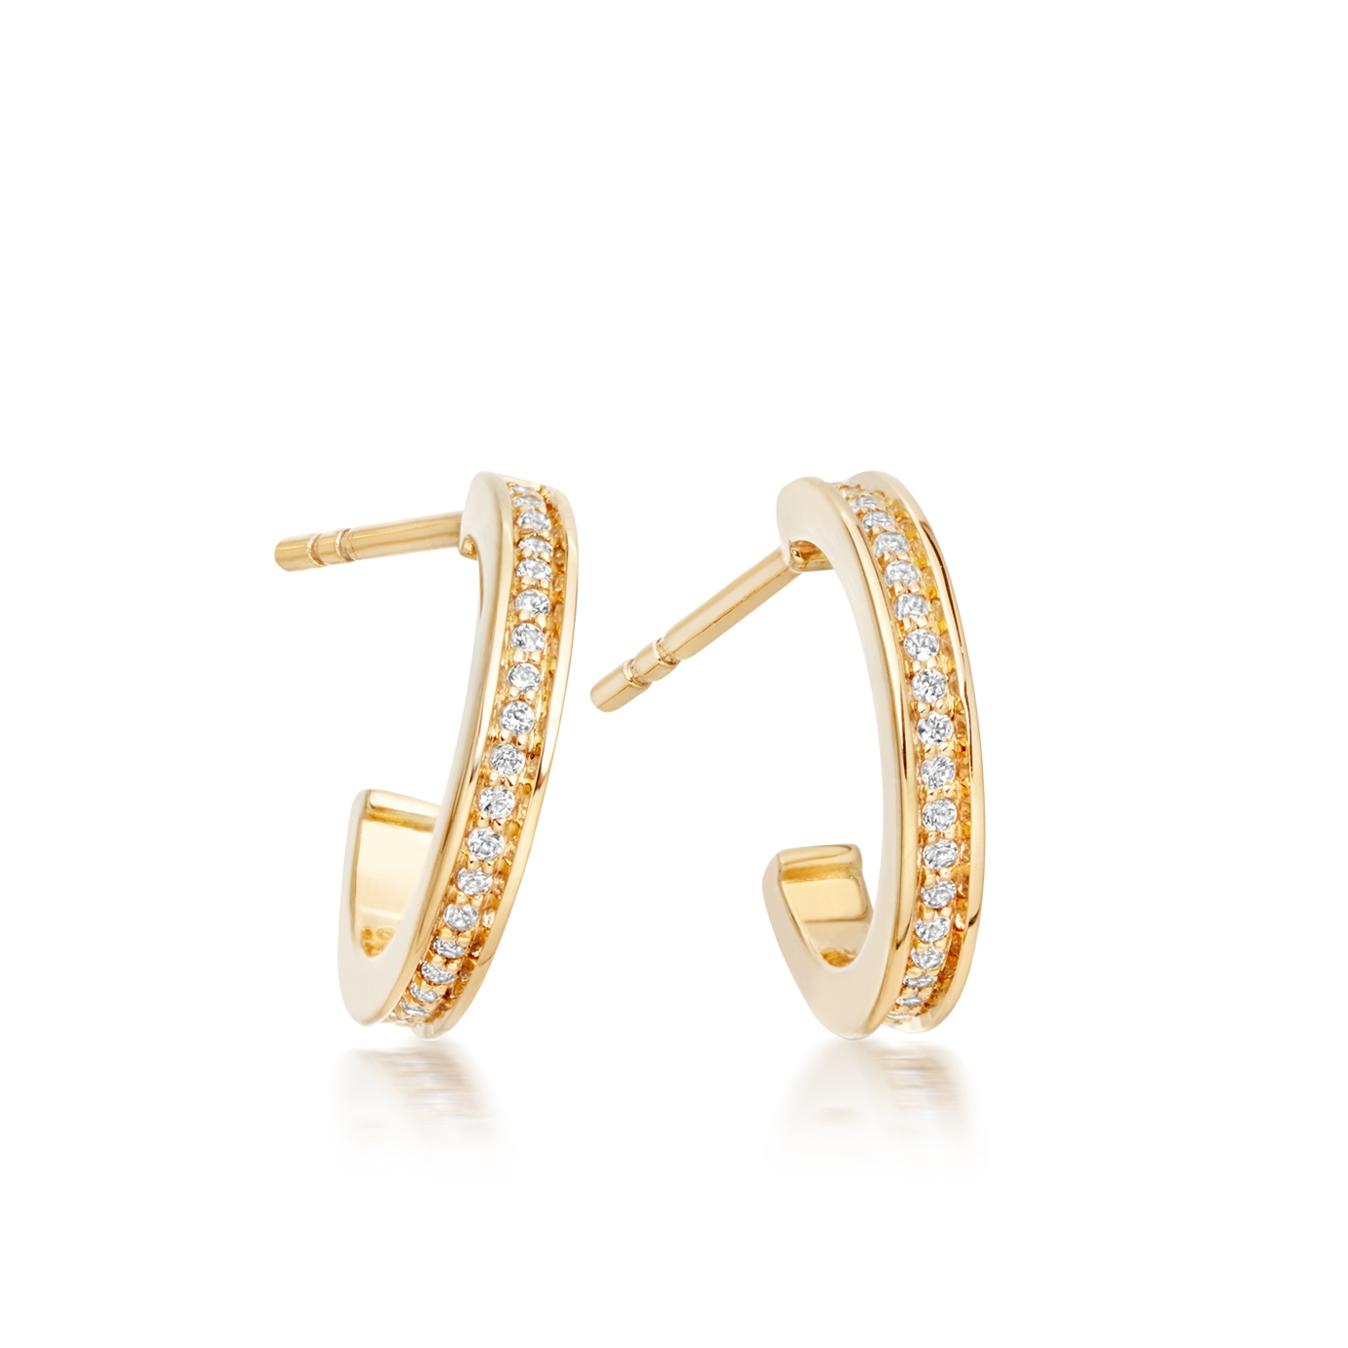 Infinity Stilla Hoop Earrings